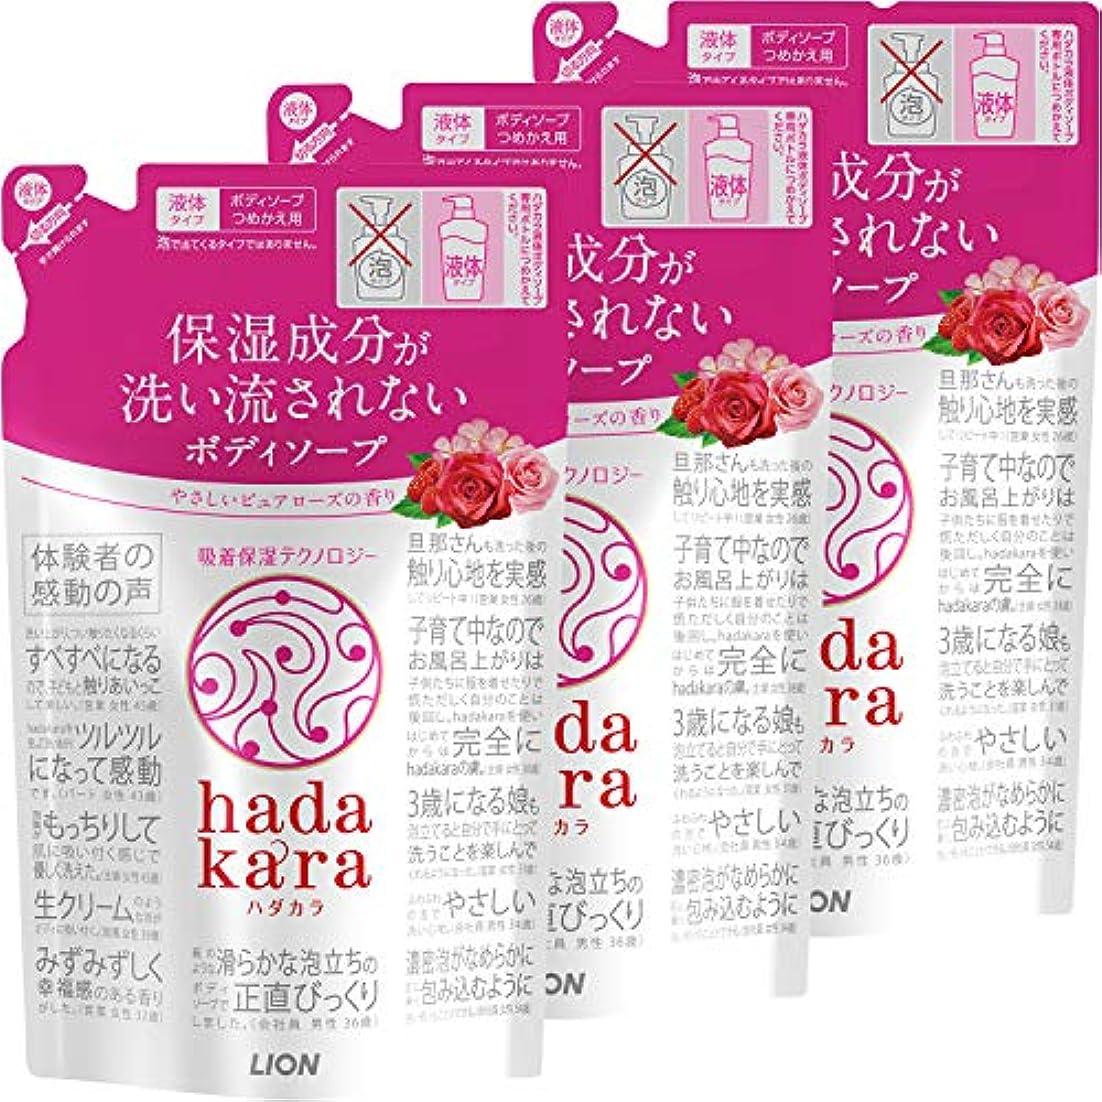 前投薬好奇心盛扇動するhadakara(ハダカラ) ボディソープ ピュアローズの香り つめかえ360ml×3個 詰替え用